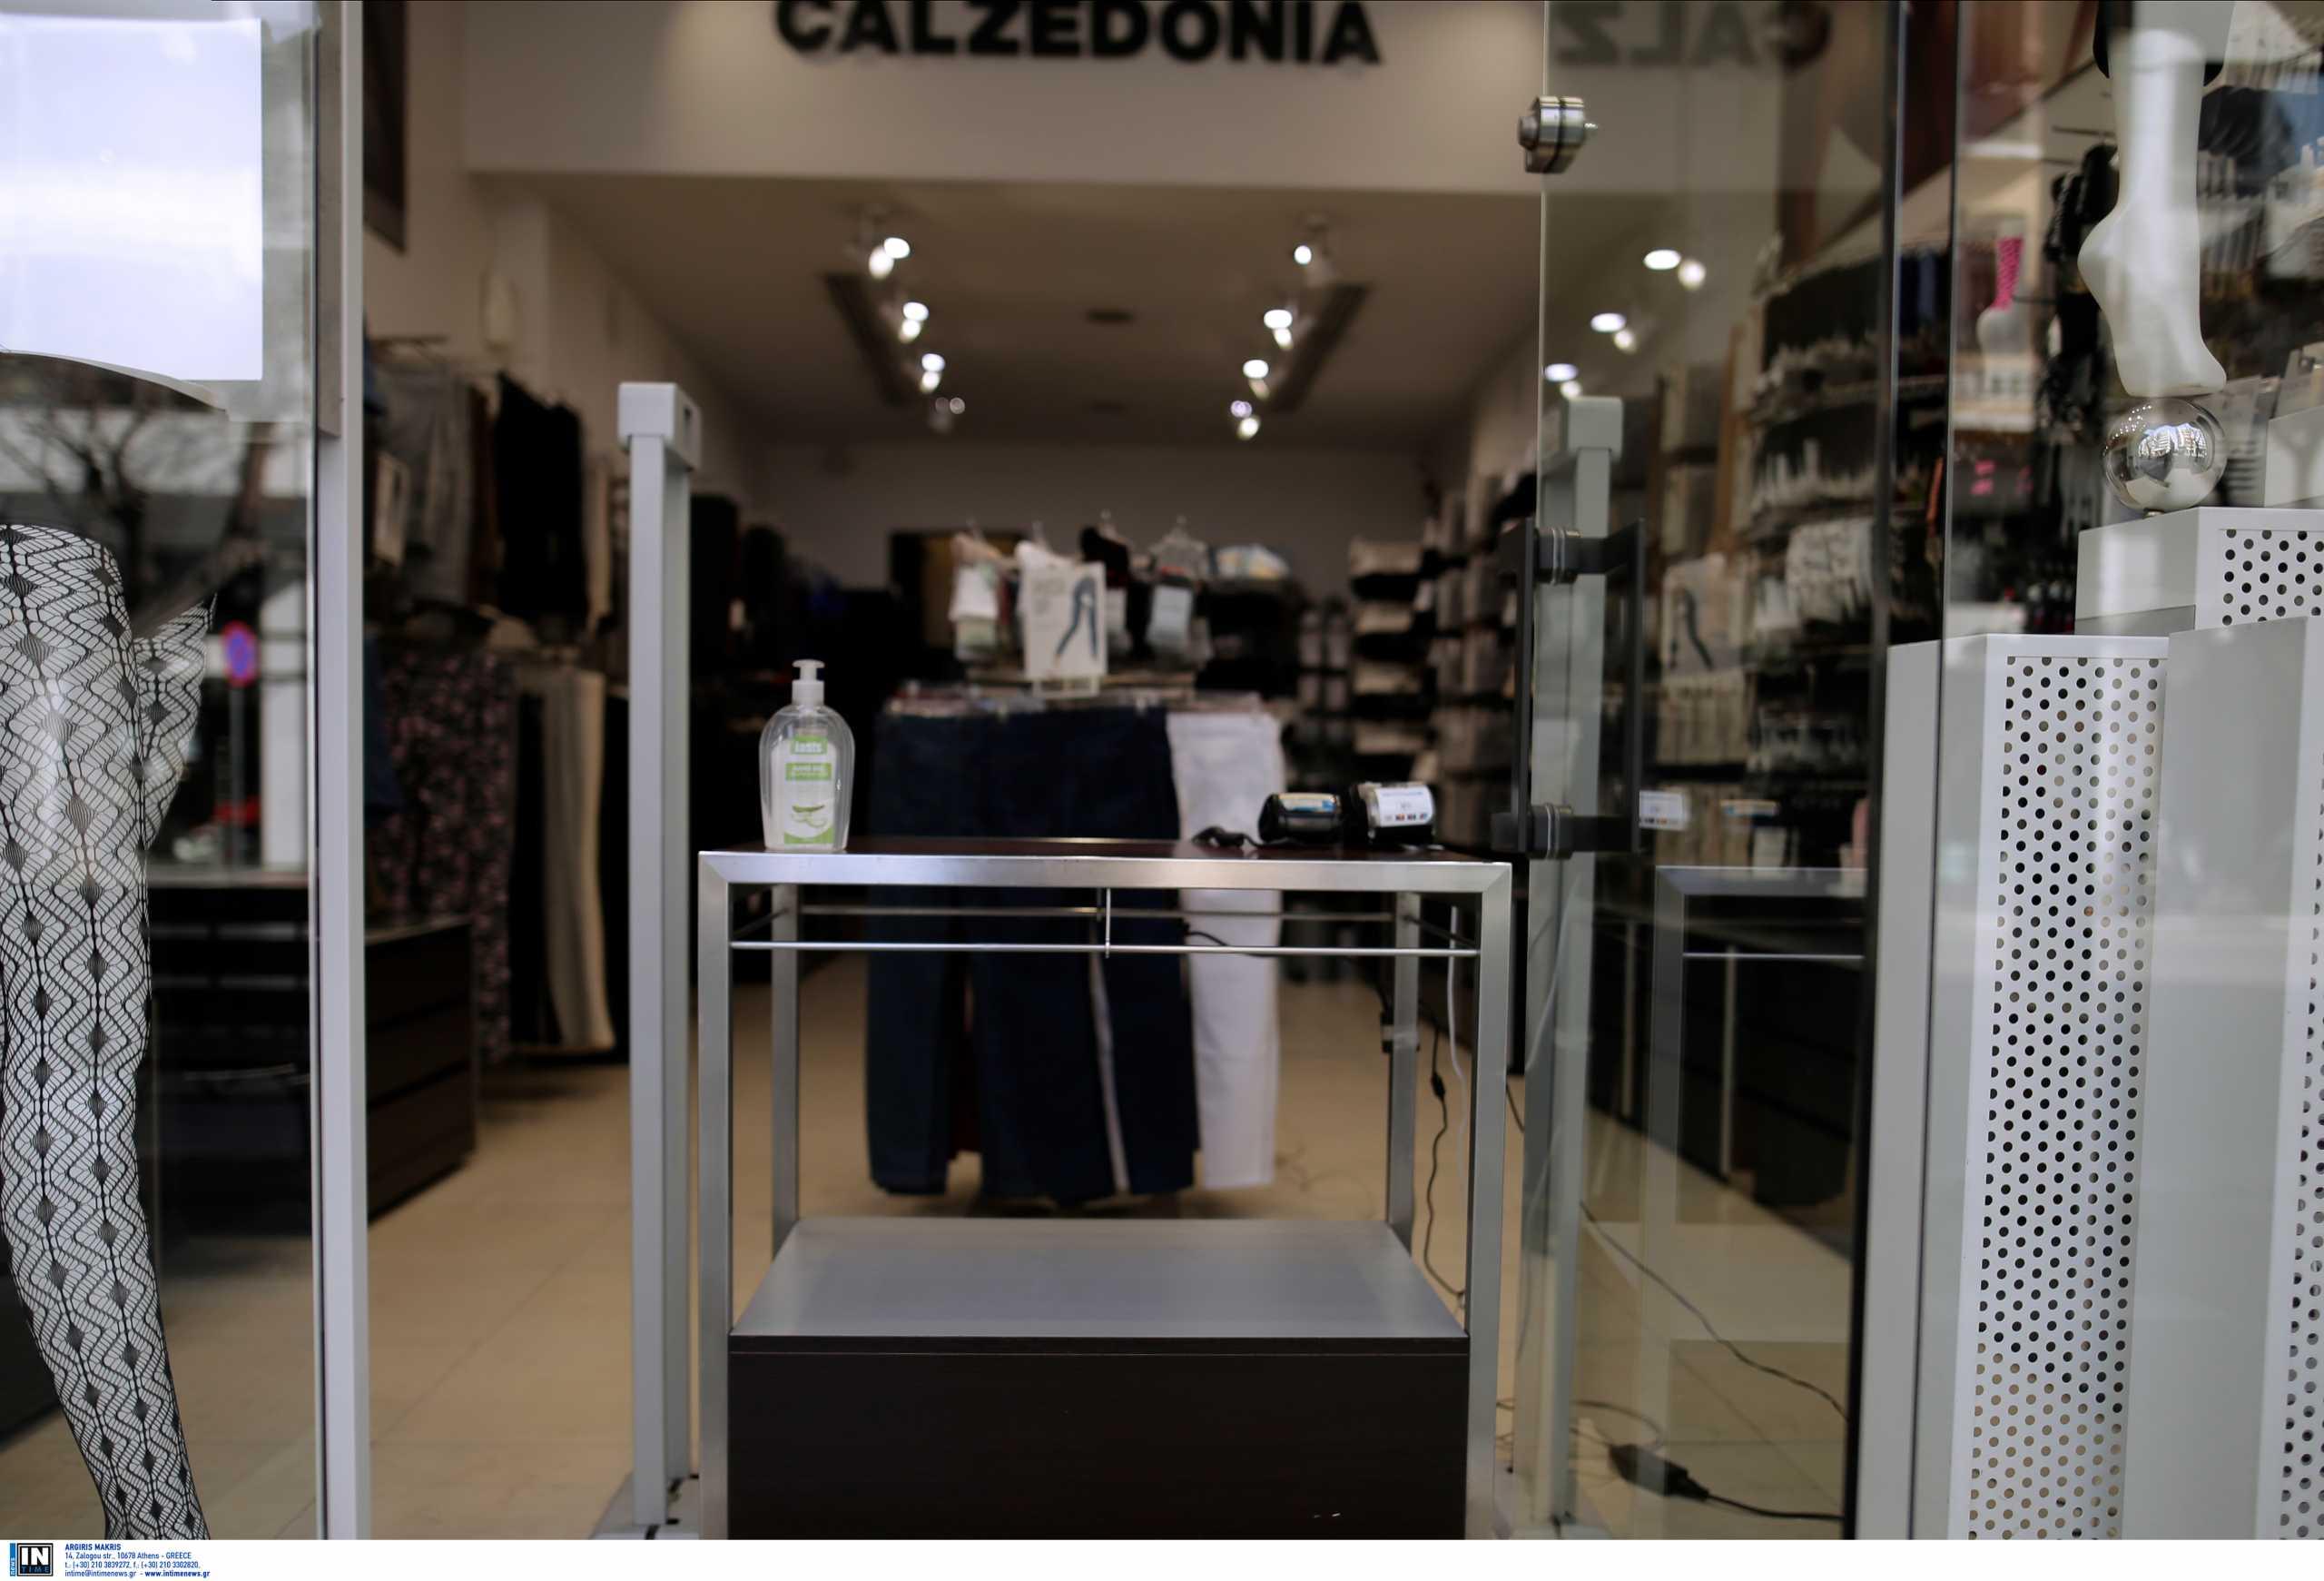 Ανοιχτά καταστήματα σήμερα Κυριακή 11 Ιουλίου – Το ωράριο λειτουργίας